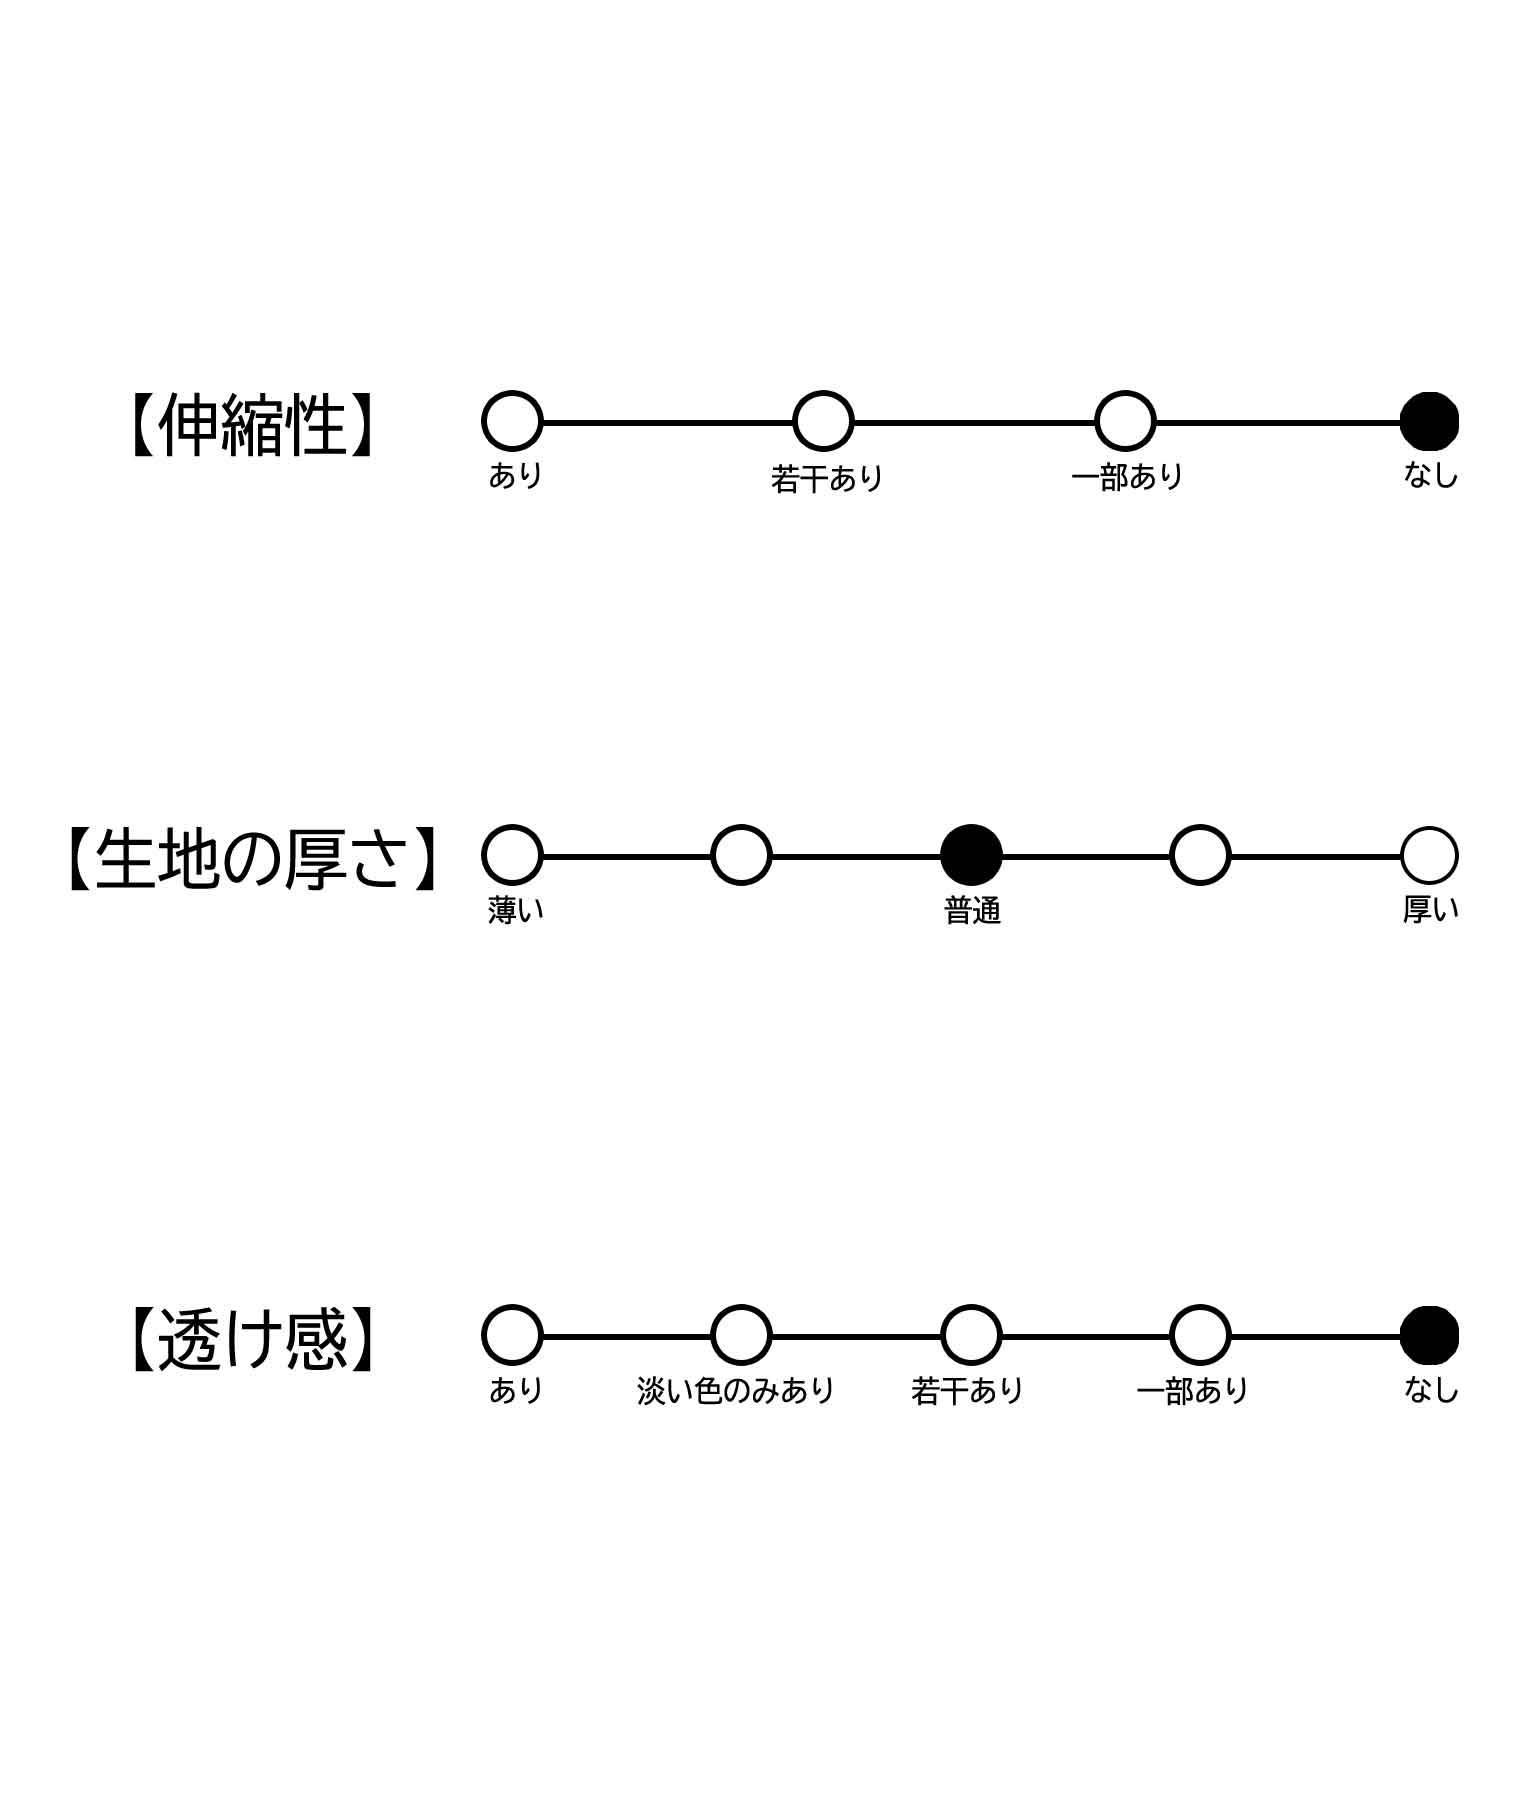 ダメージジャケット(アウター(コート・ジャケット) /ジャケット・ブルゾン) | ANAP